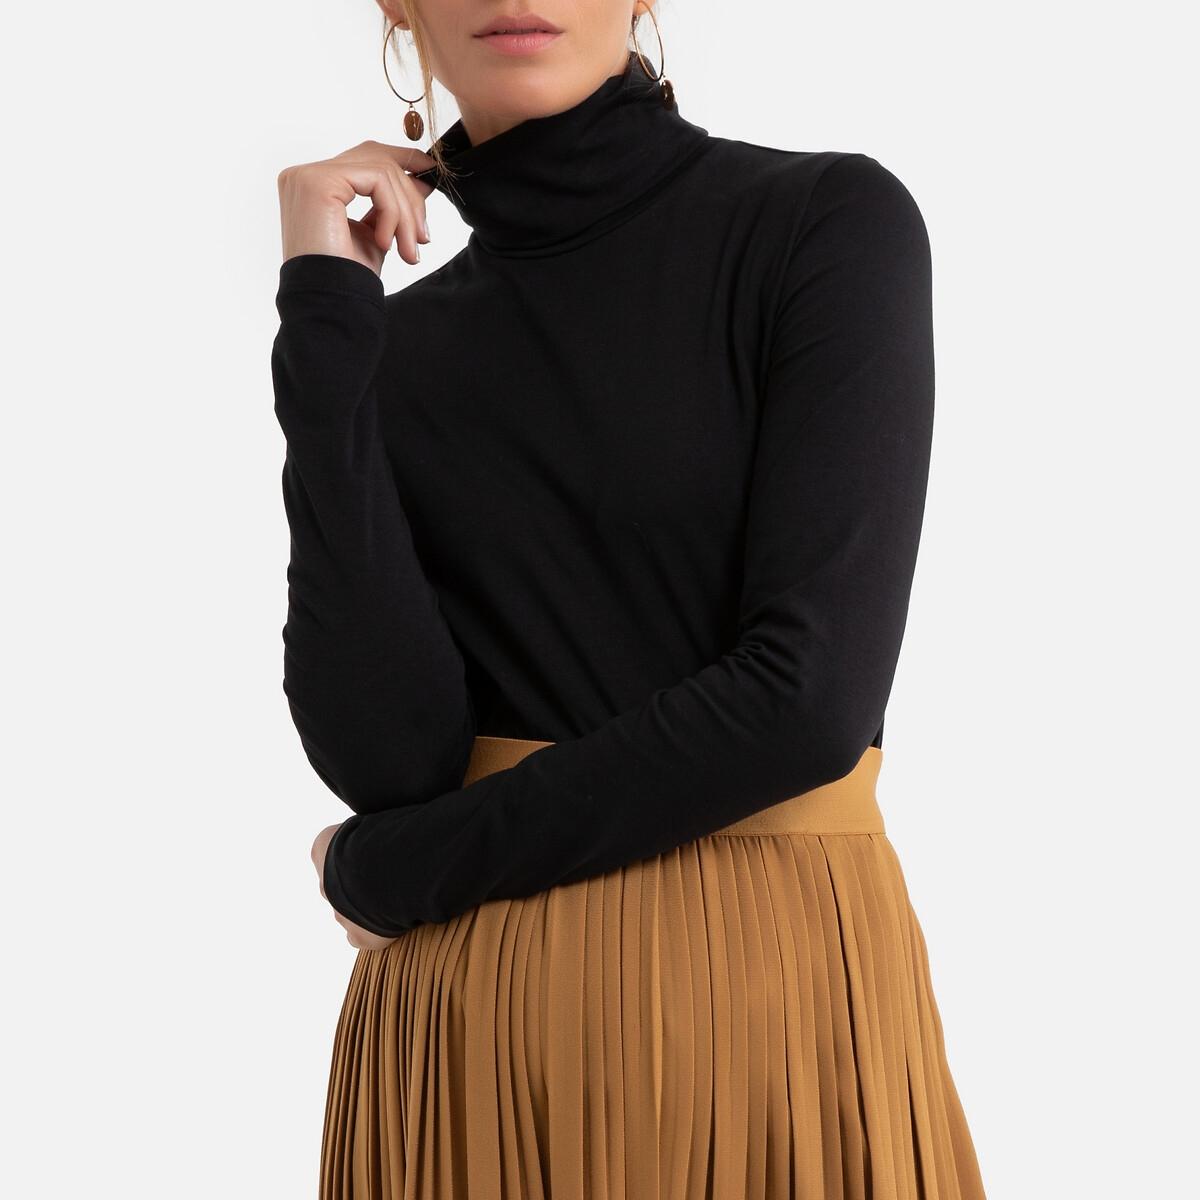 Фото - Футболка LaRedoute Для периода беременности с высоким воротником и длинными рукавами L черный блузка с рисунком и длинными рукавами для периода беременности